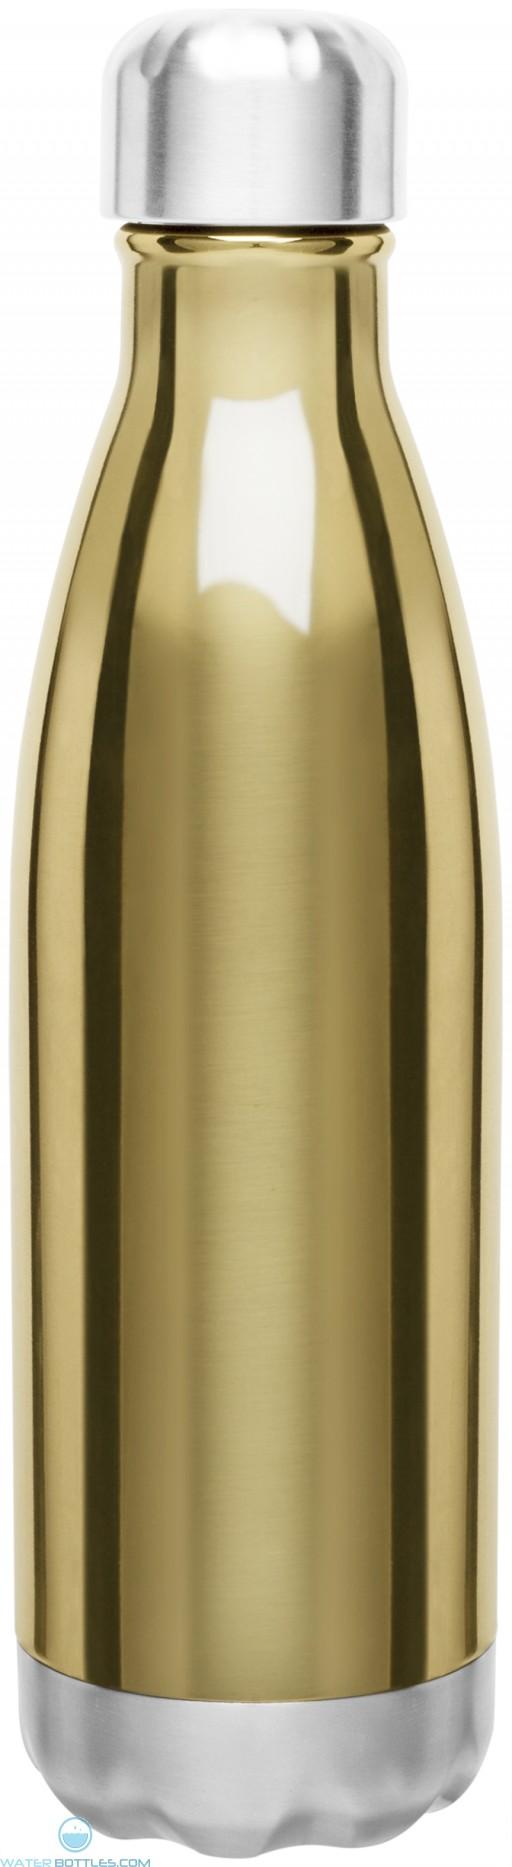 H2Go Force Thermal Bottles | 17 oz - Gold